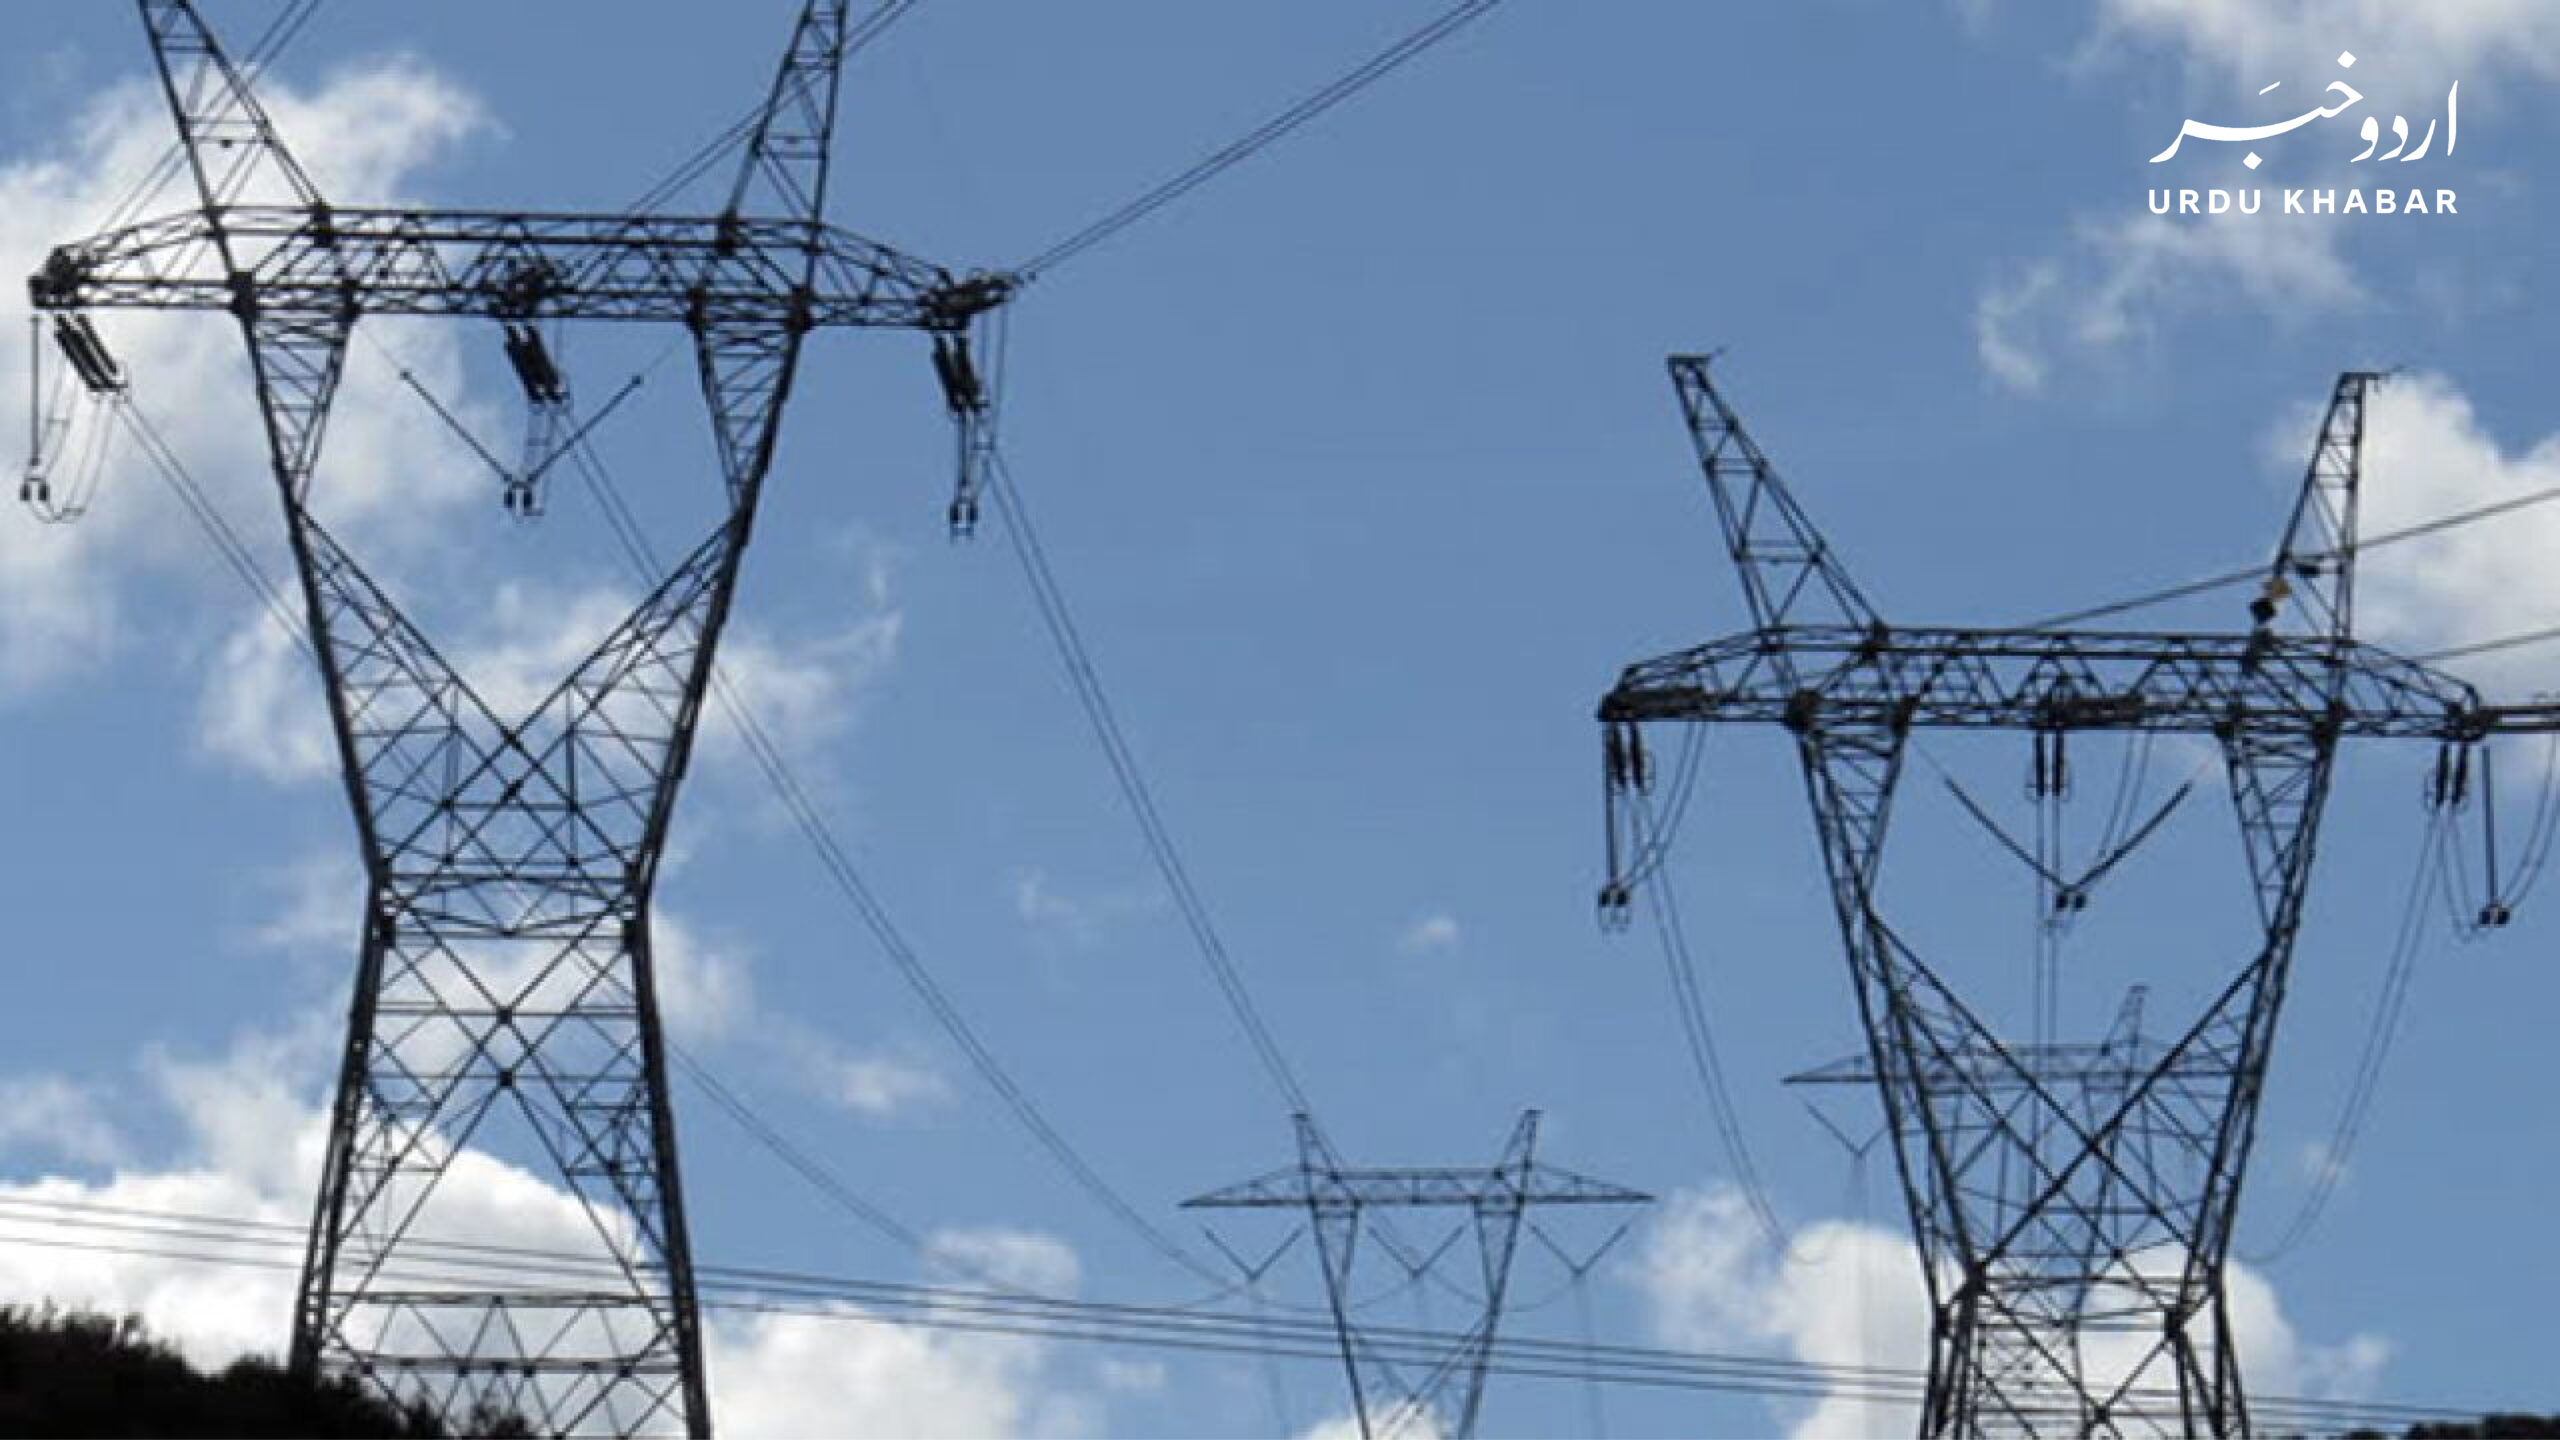 کابینہ نے بجلی کے نرخوں میں 5.65 روپے یونٹ اضافے کی منظوری دے دی